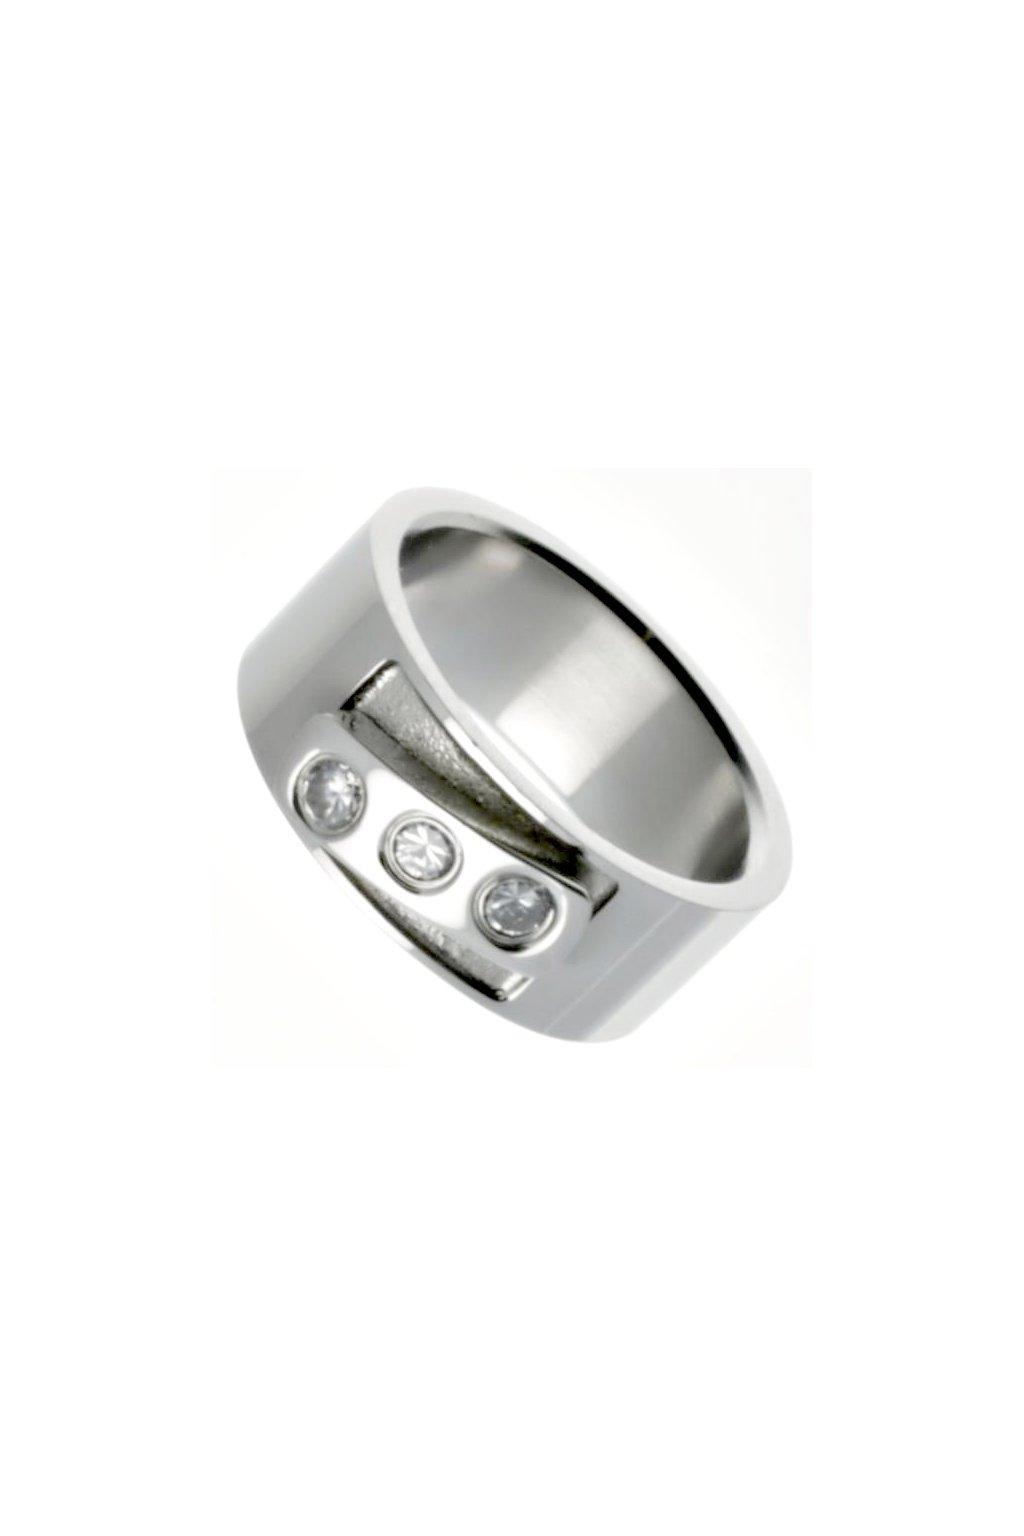 Skalimar Prsten z chirurgické oceli SE TŘEMI KAMÍNKY 212112